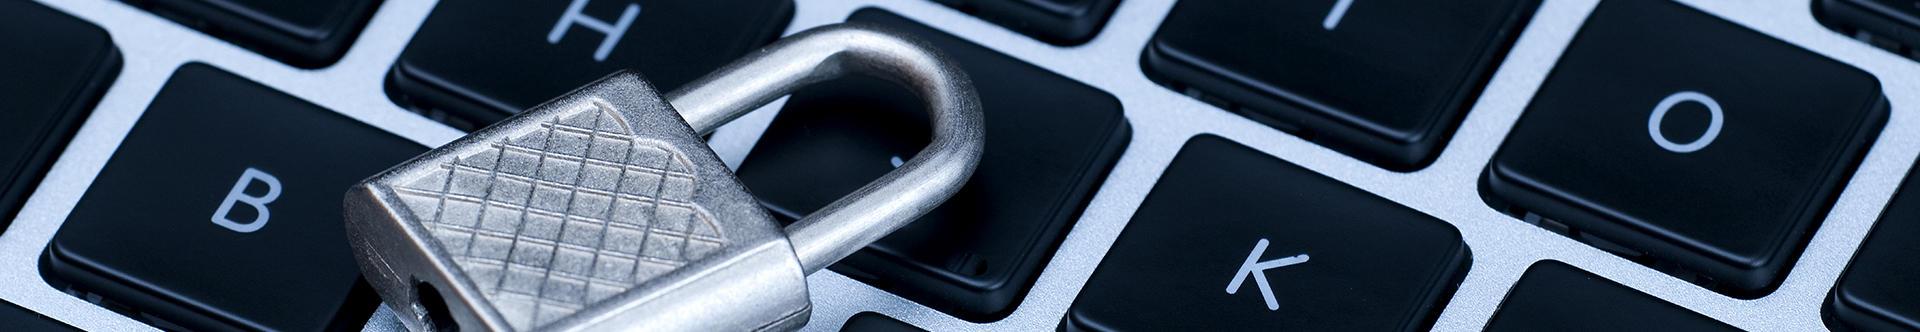 Teknologi og sikkerhet